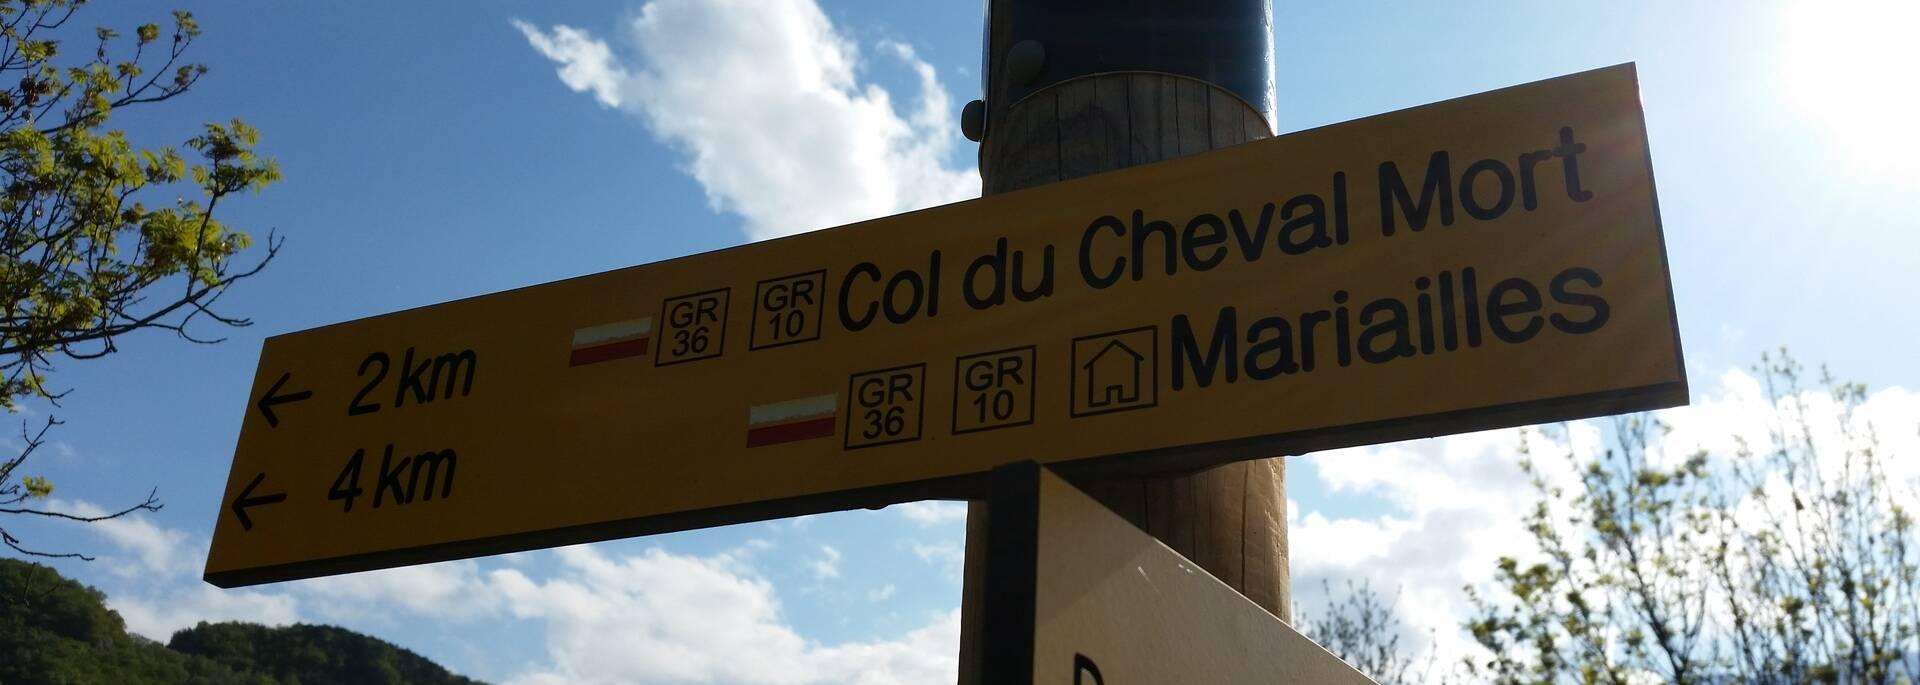 Départ du Col de Jou